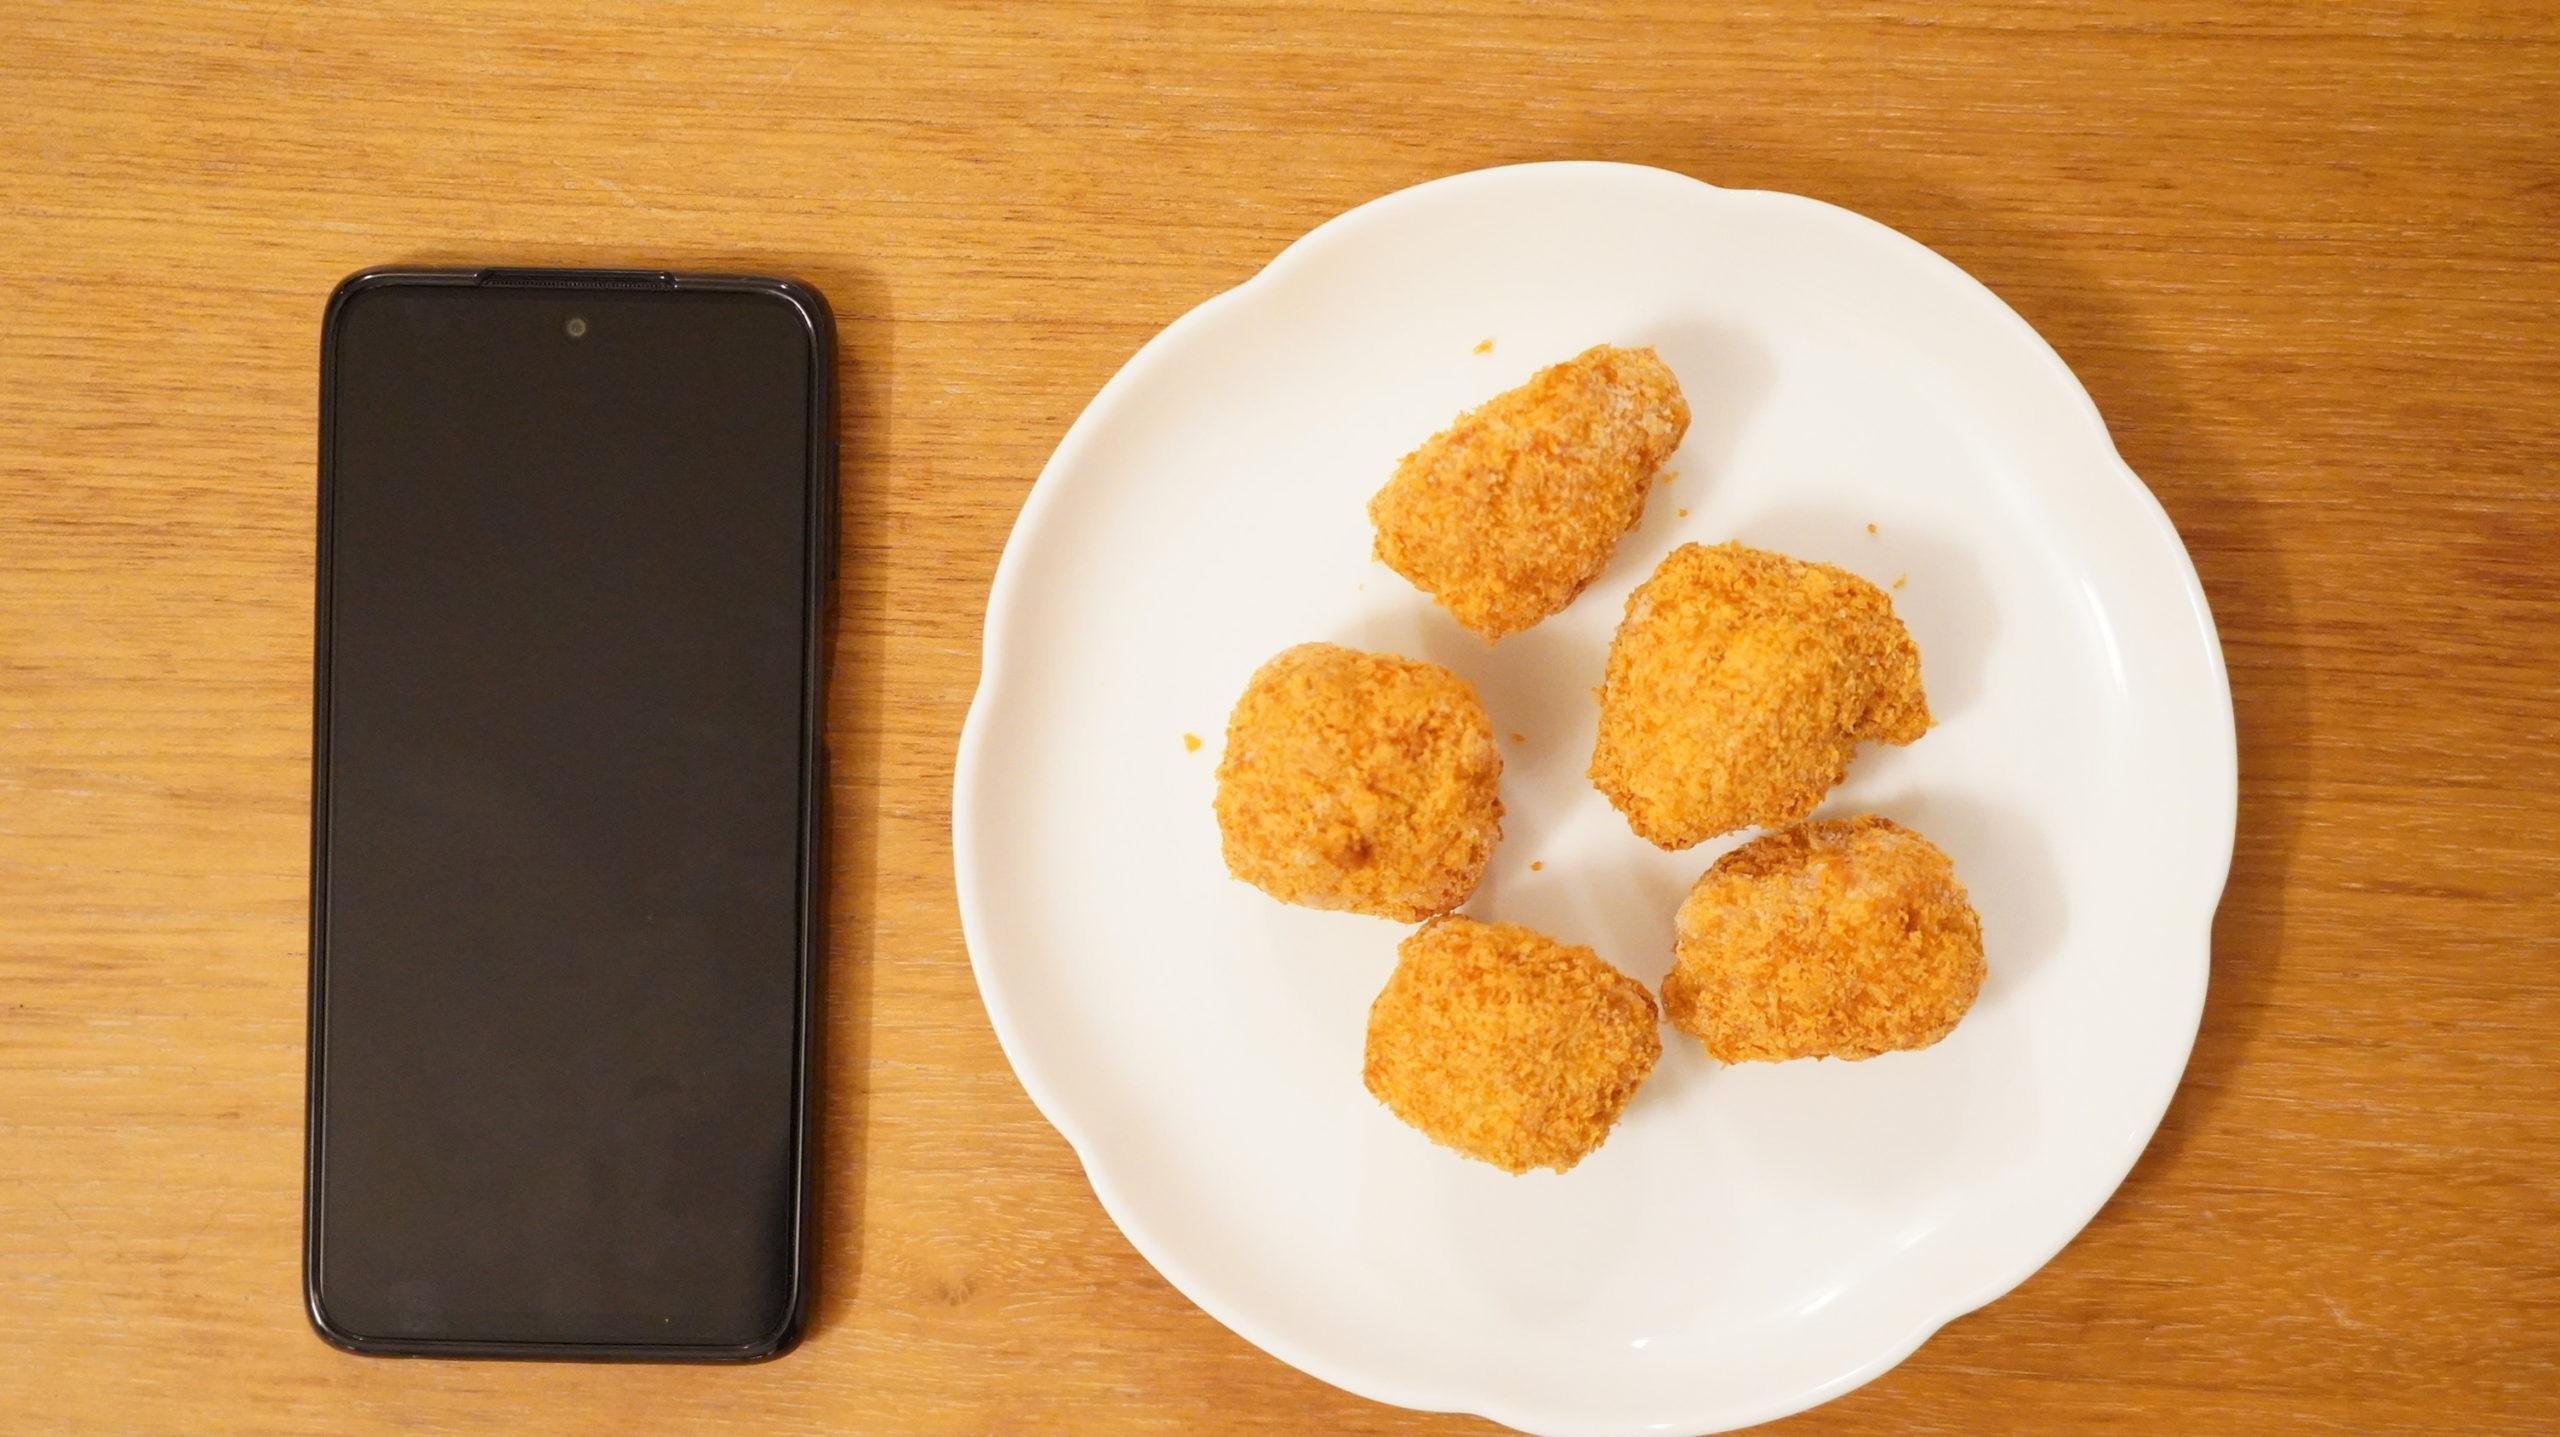 コストコの冷凍食品「味の素・三元豚のとんかつ」とスマホの大きさを比較した写真